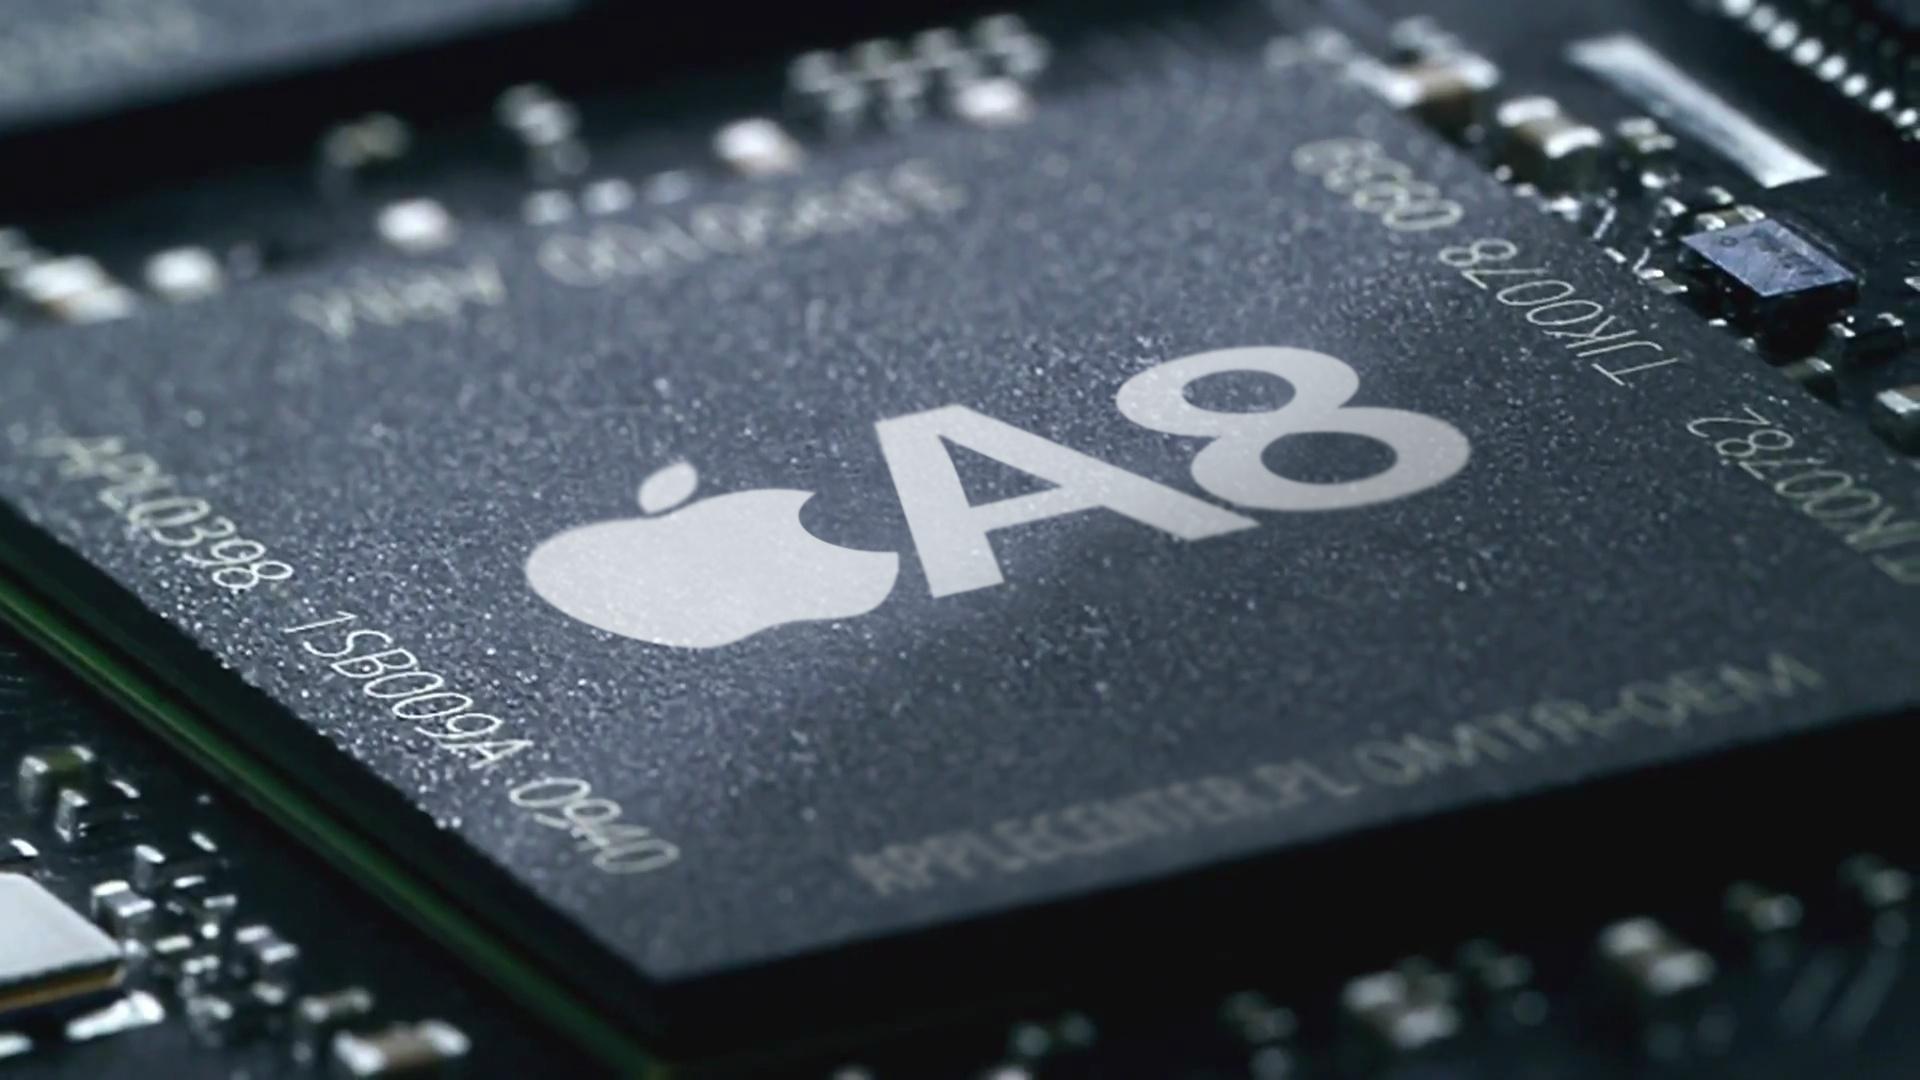 Apple se séparerait de Samsung pour le processeur A11 de l'iPhone 8